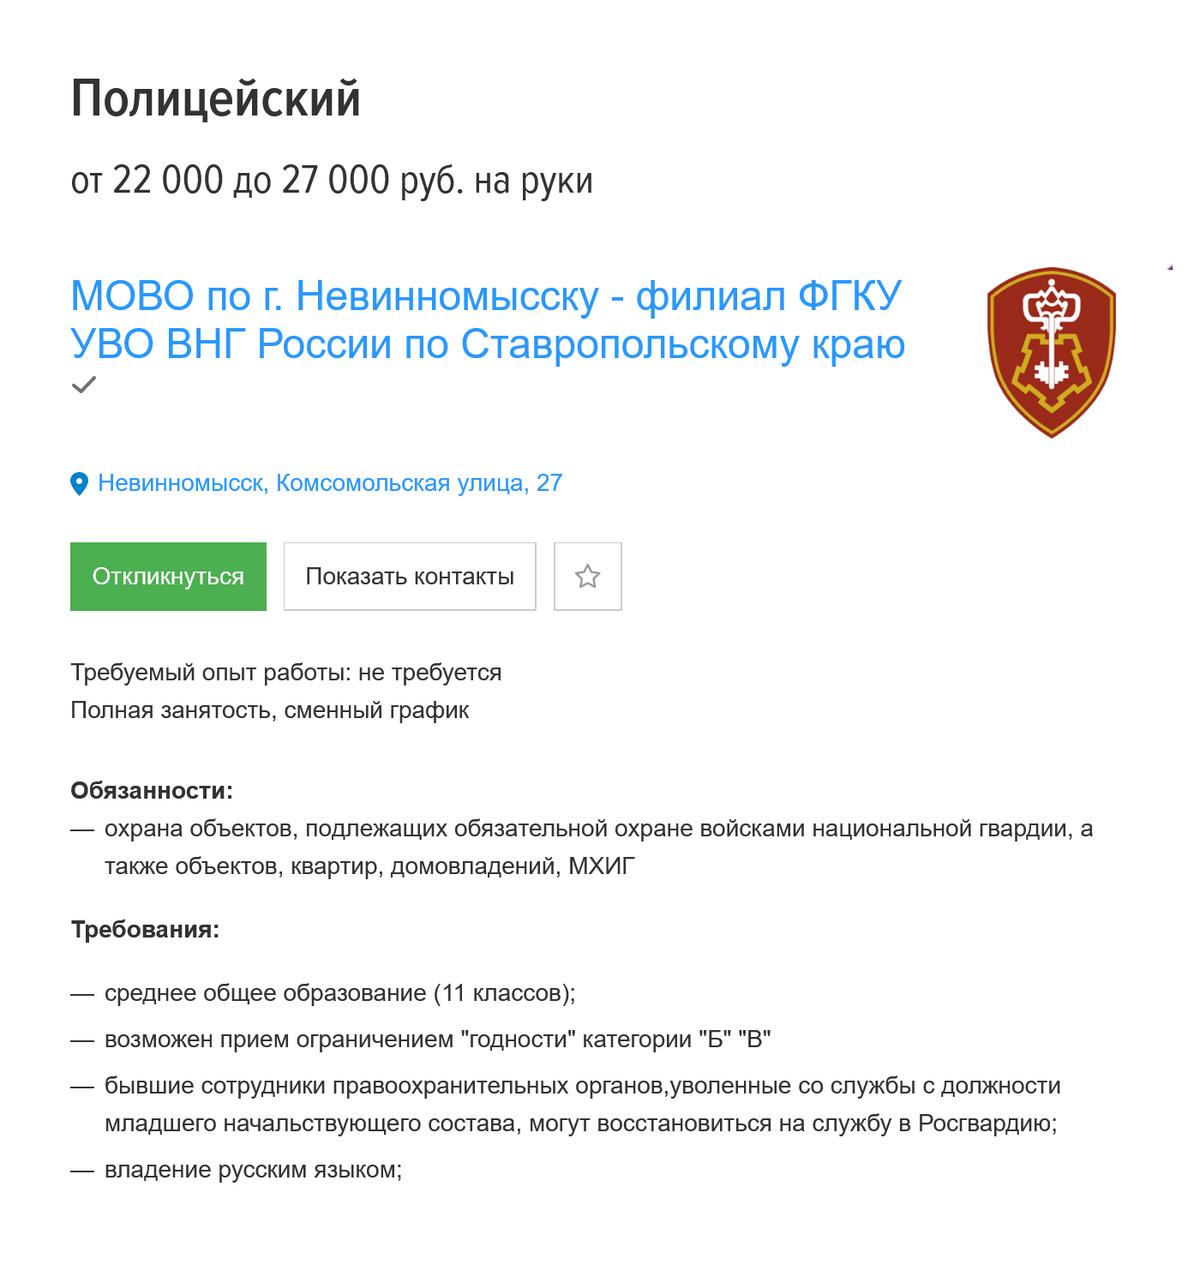 Вакансия охранника с зарплатой от 22 000<span class=ruble>Р</span>, но во время стажировки платят 15 000<span class=ruble>Р</span>